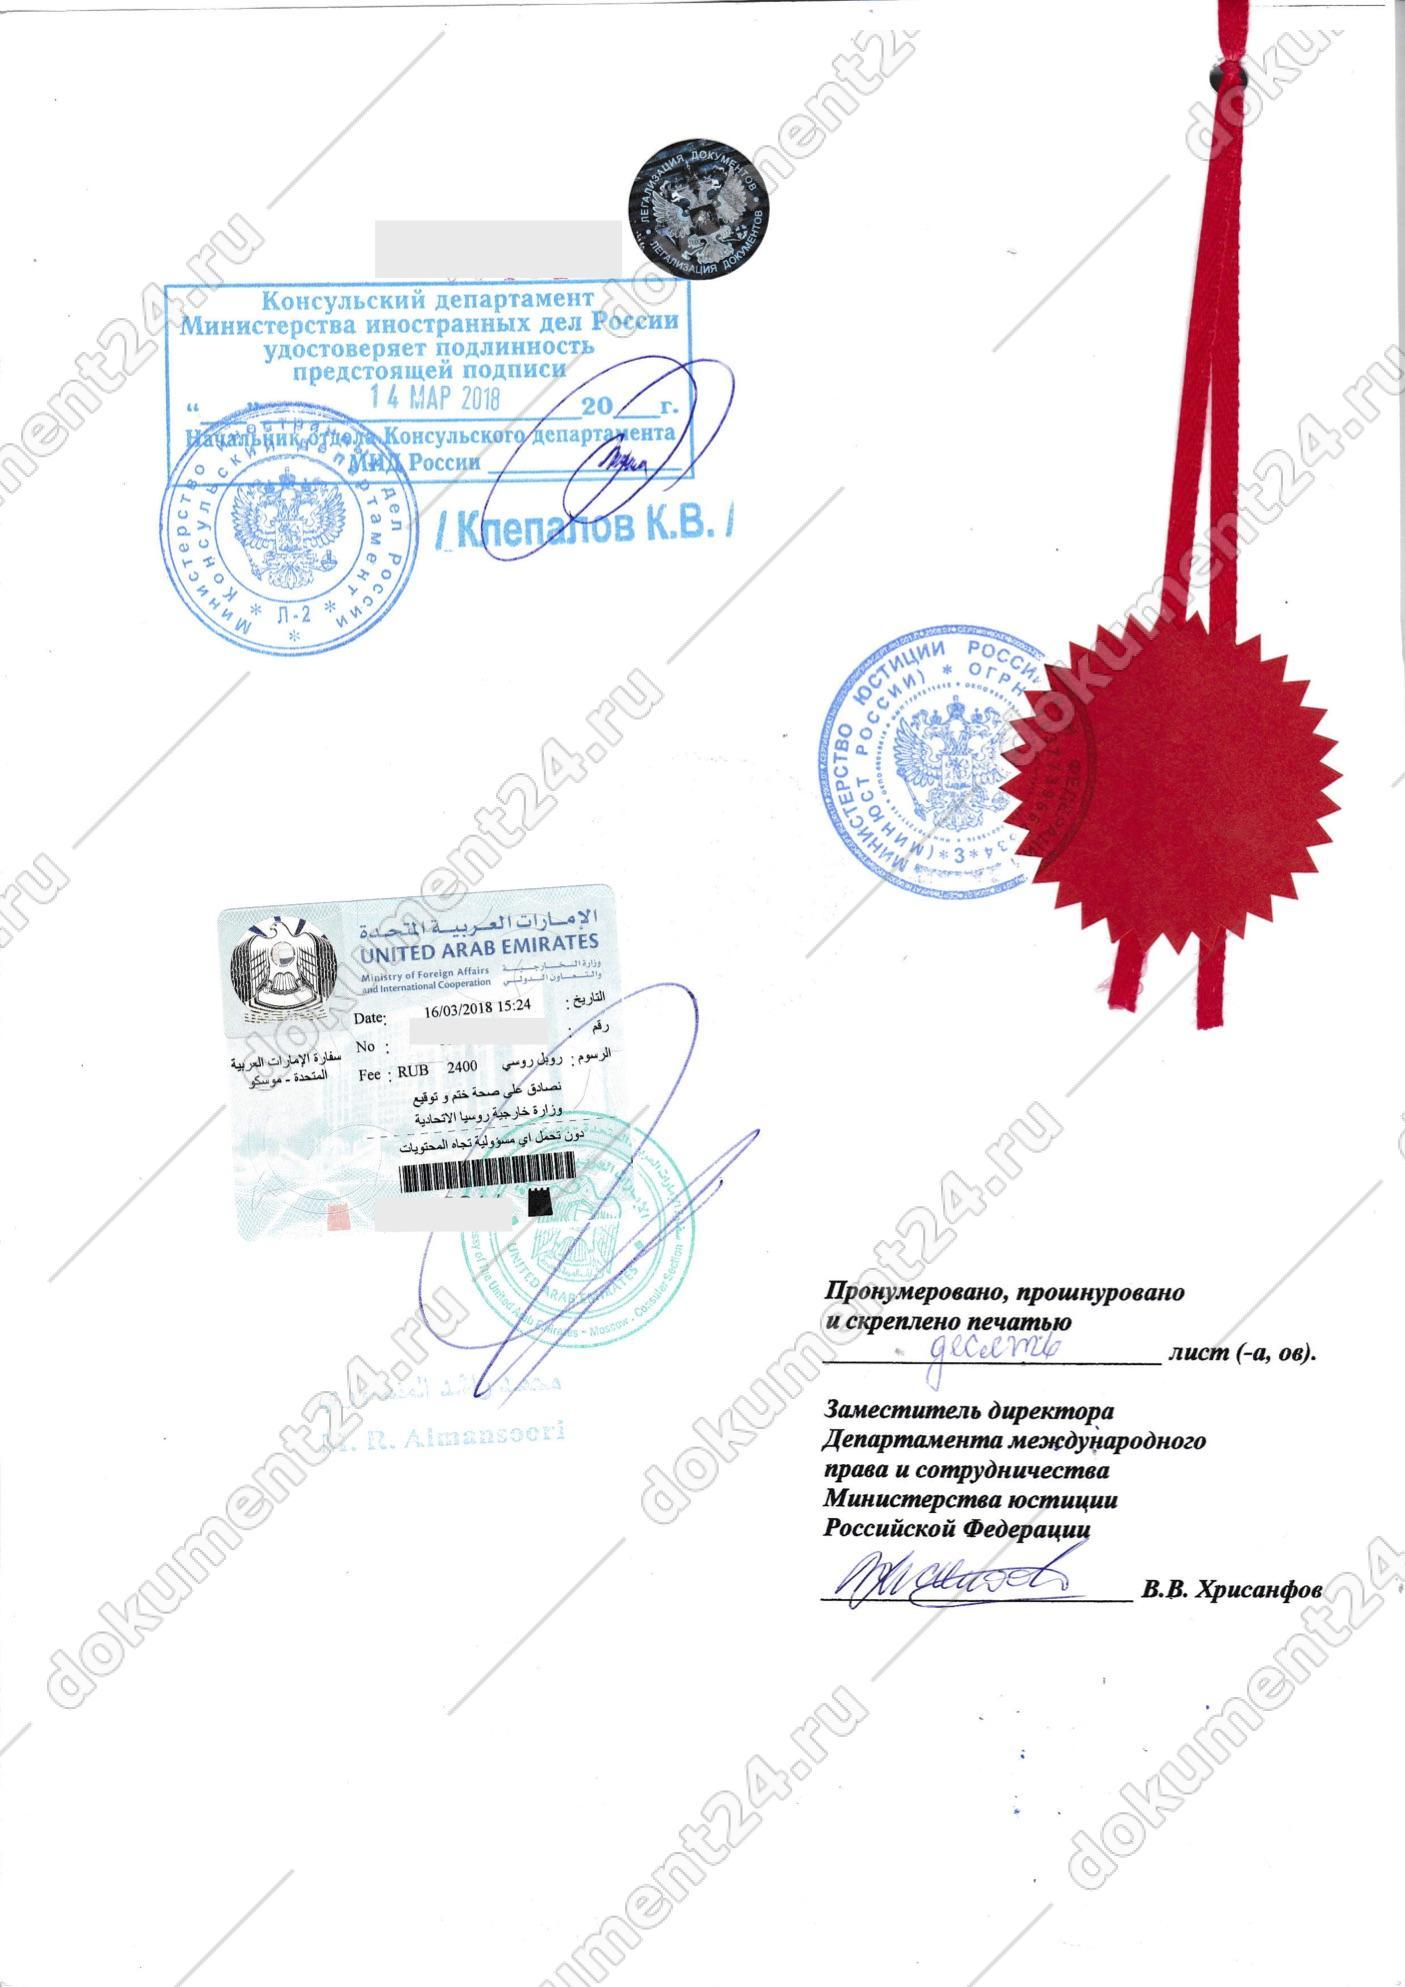 заверение личного дела посольства оаэ